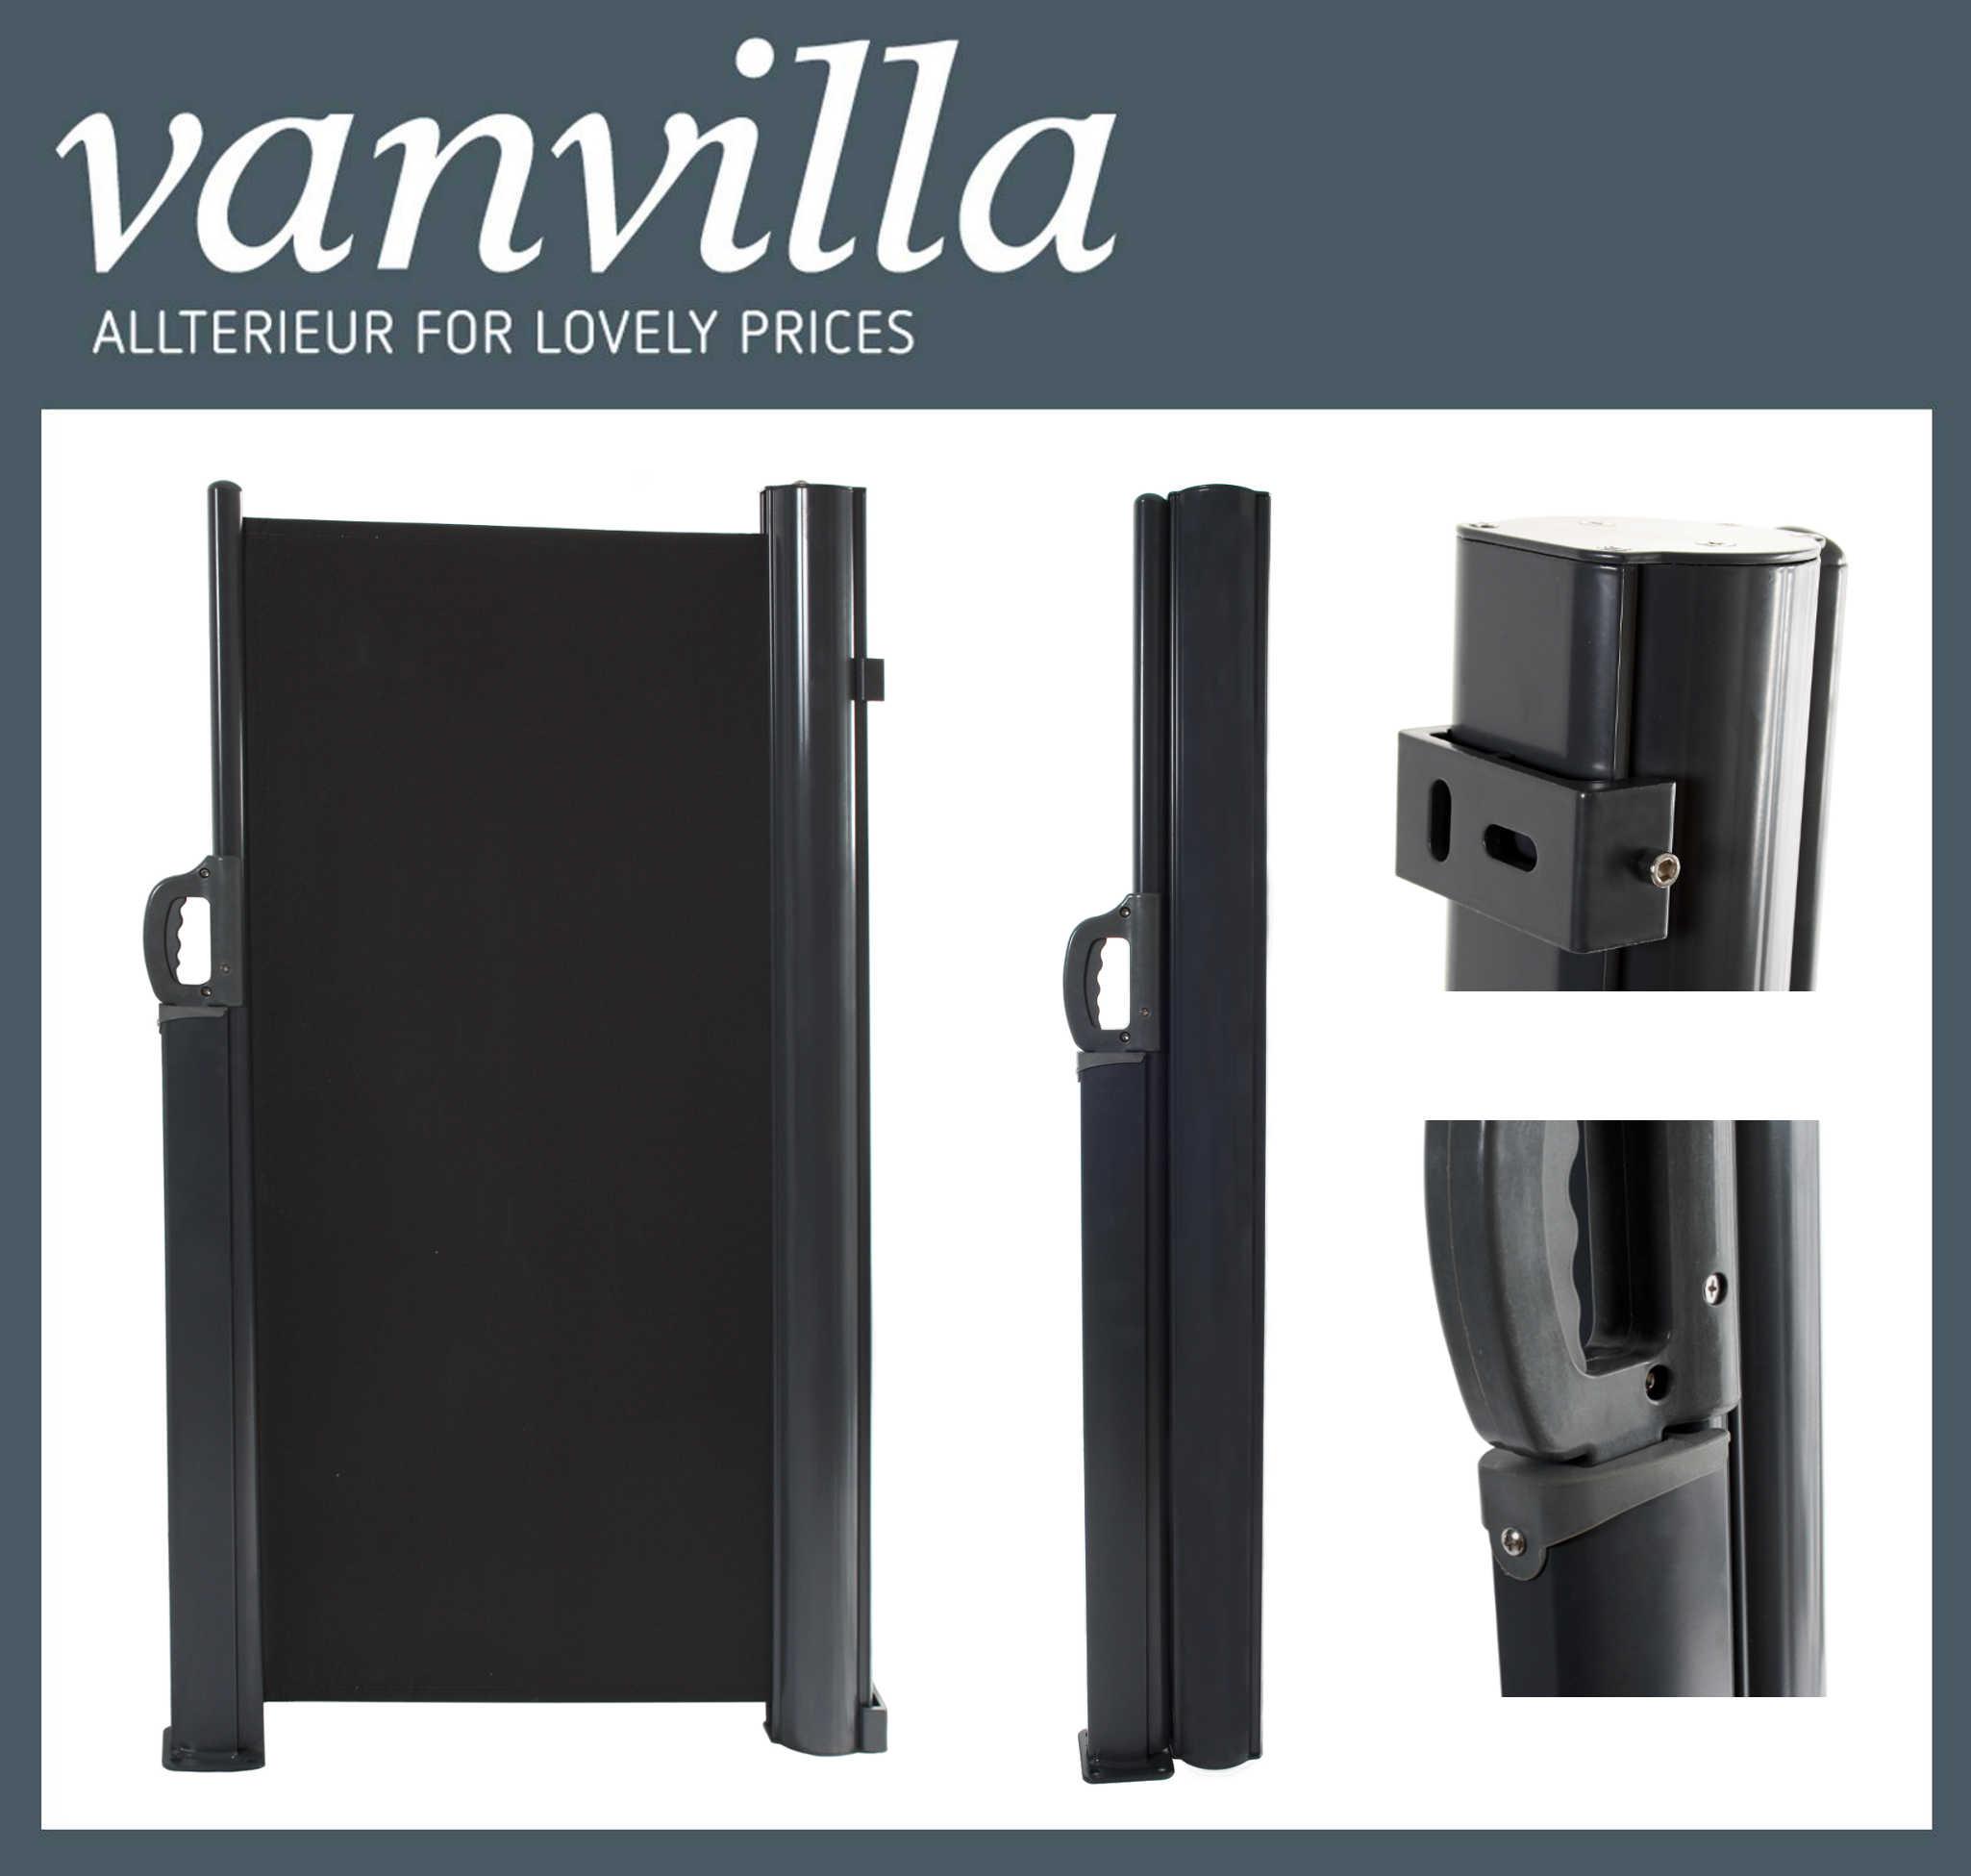 vanvilla Seitenmarkise 100cm x 300cm, Anthrazitgrau RAL 7016